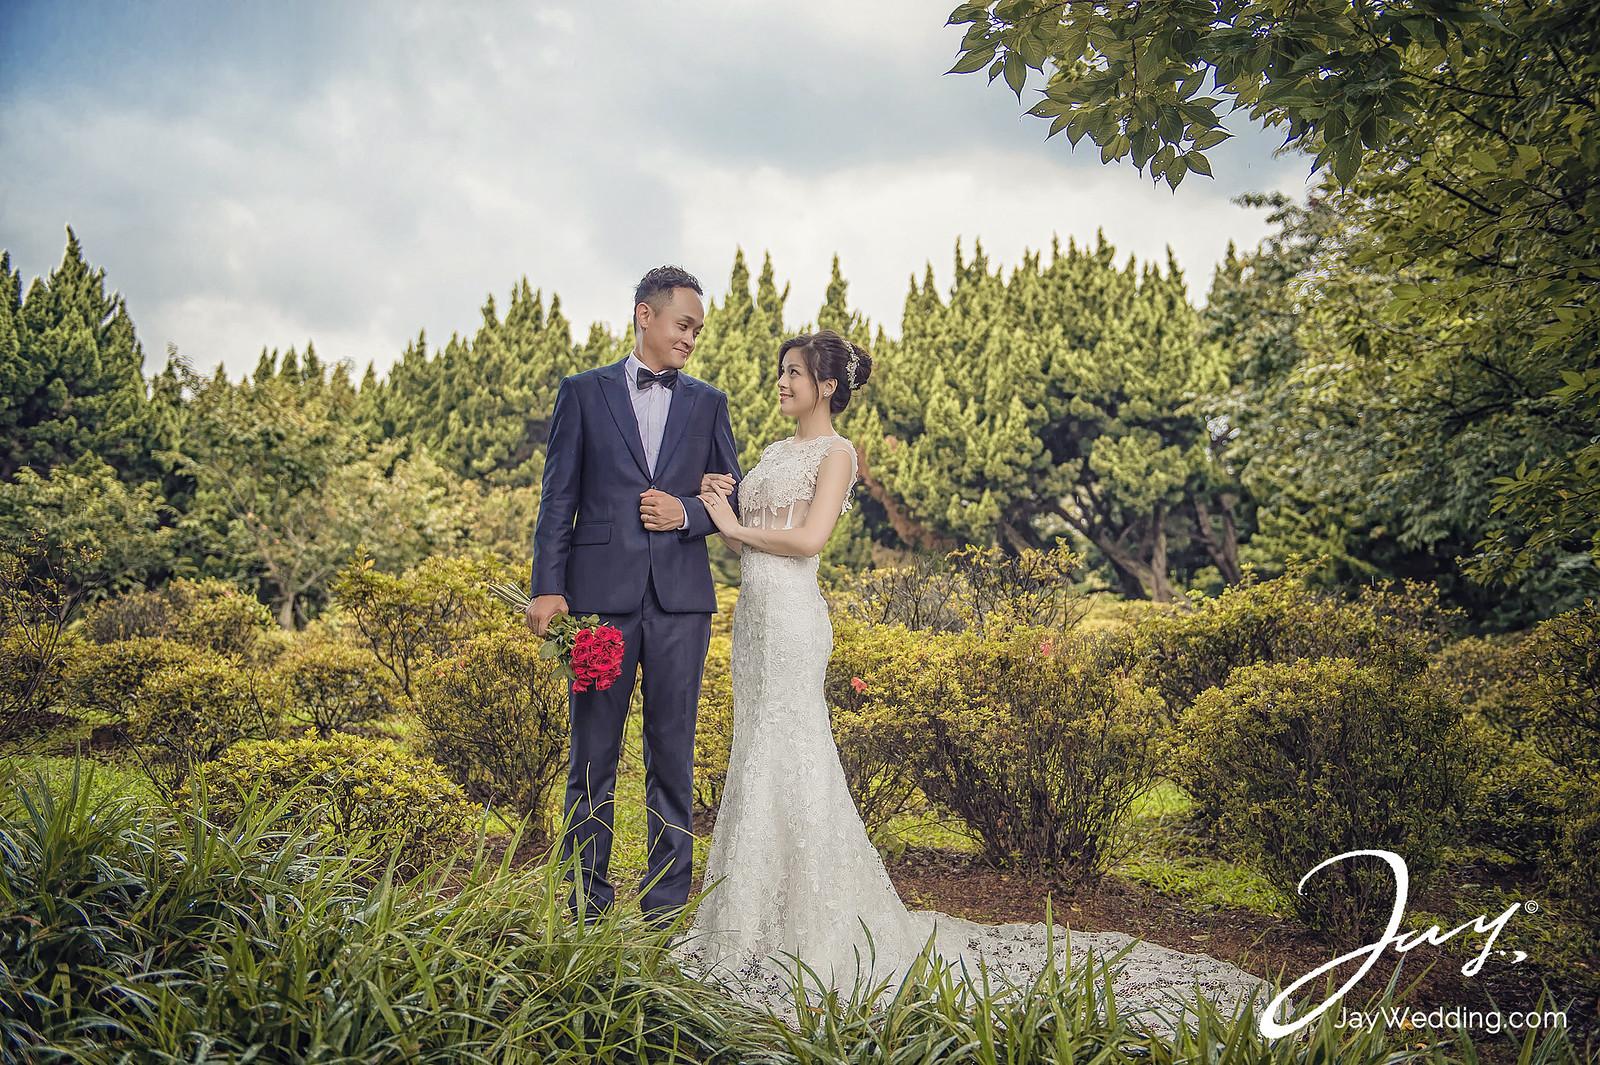 婚紗,婚攝,京都,大阪,食尚曼谷,海外婚紗,自助婚紗,自主婚紗,婚攝A-Jay,婚攝阿杰,jay hsieh,JAY_3757